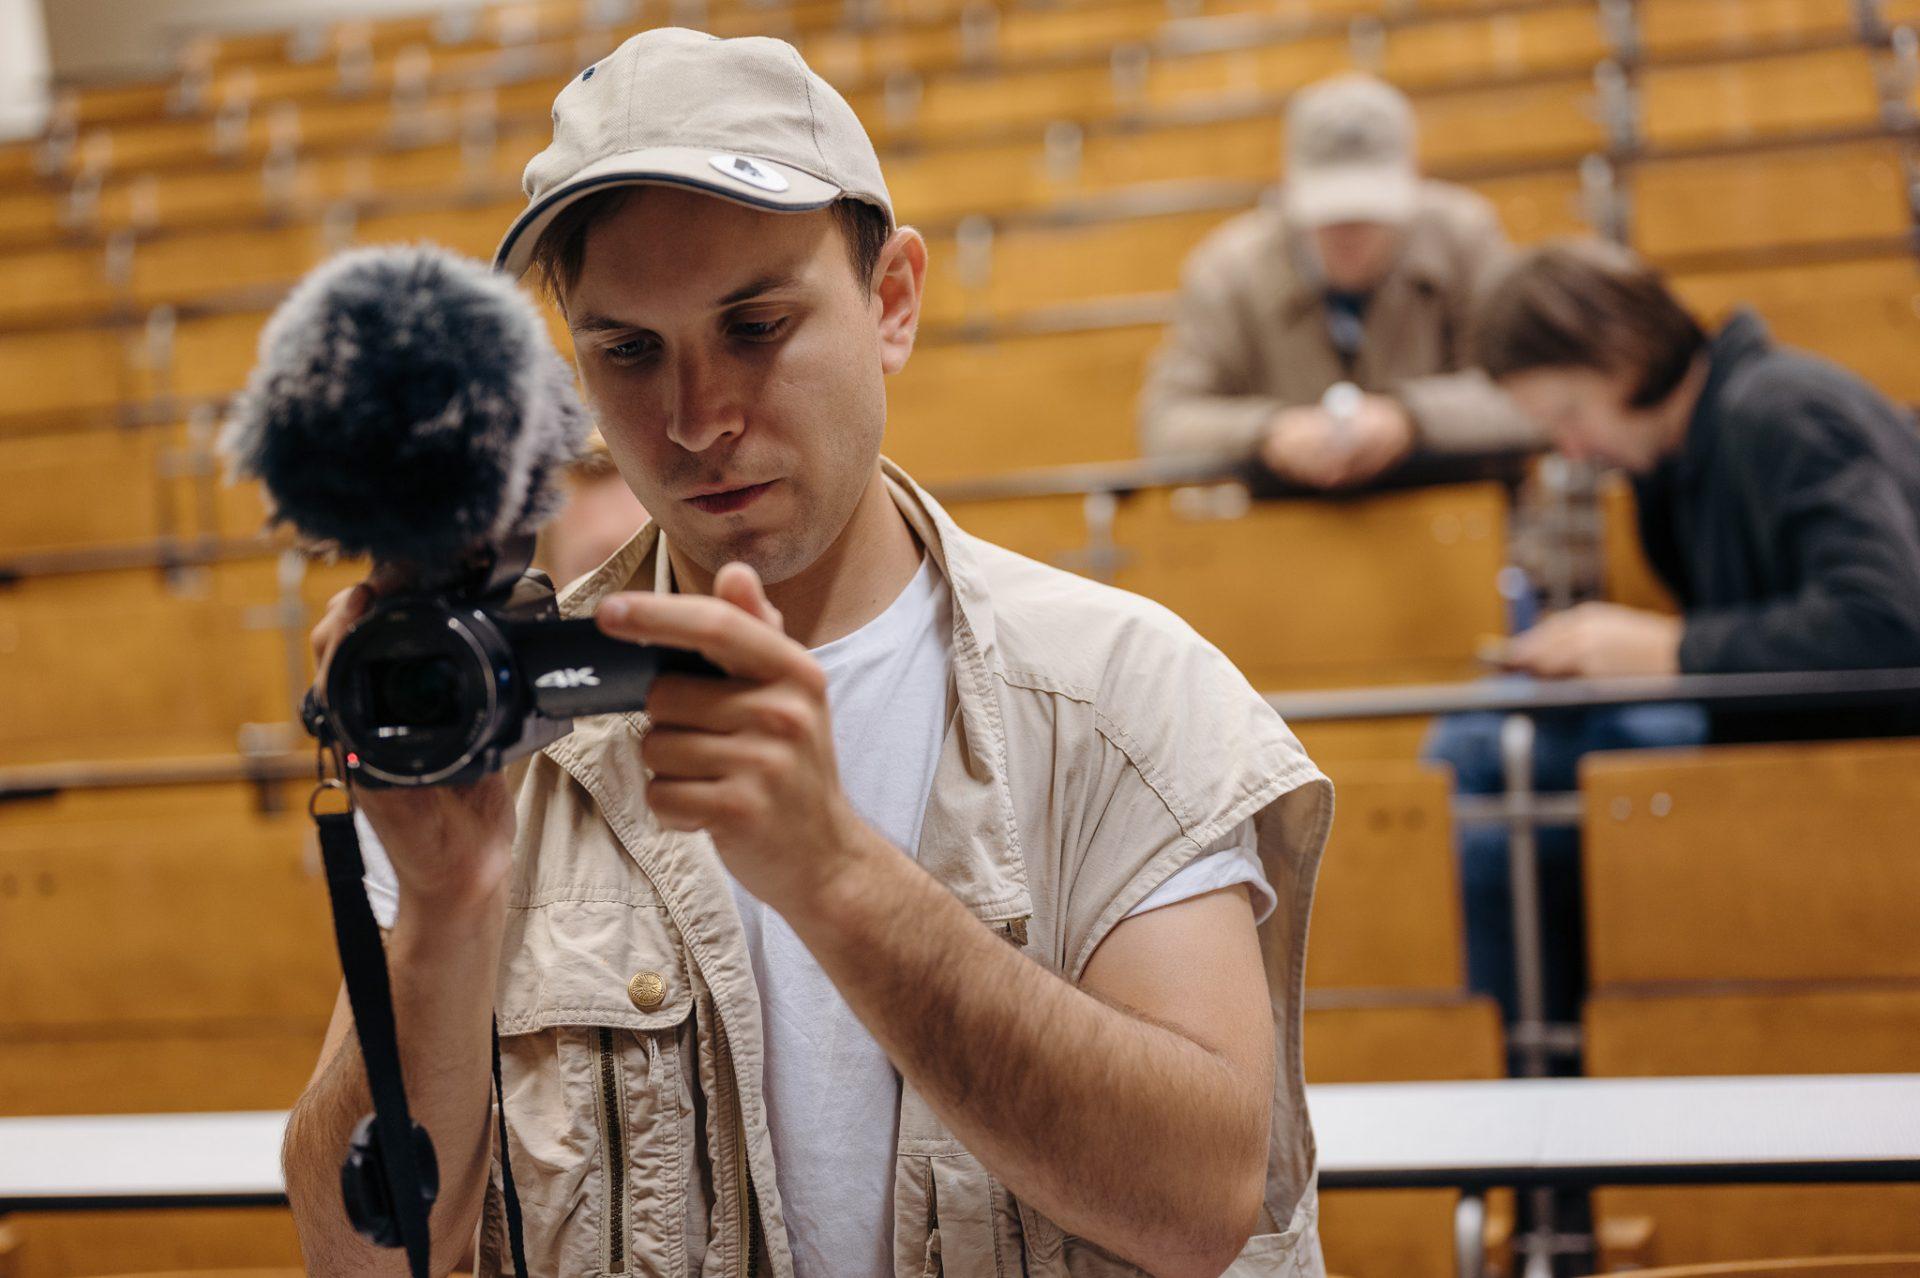 Aula uniwersytecka, w tle drewniane siedenia, na pierwszym planie młody mężczyzna nagrywa coś na kamerę